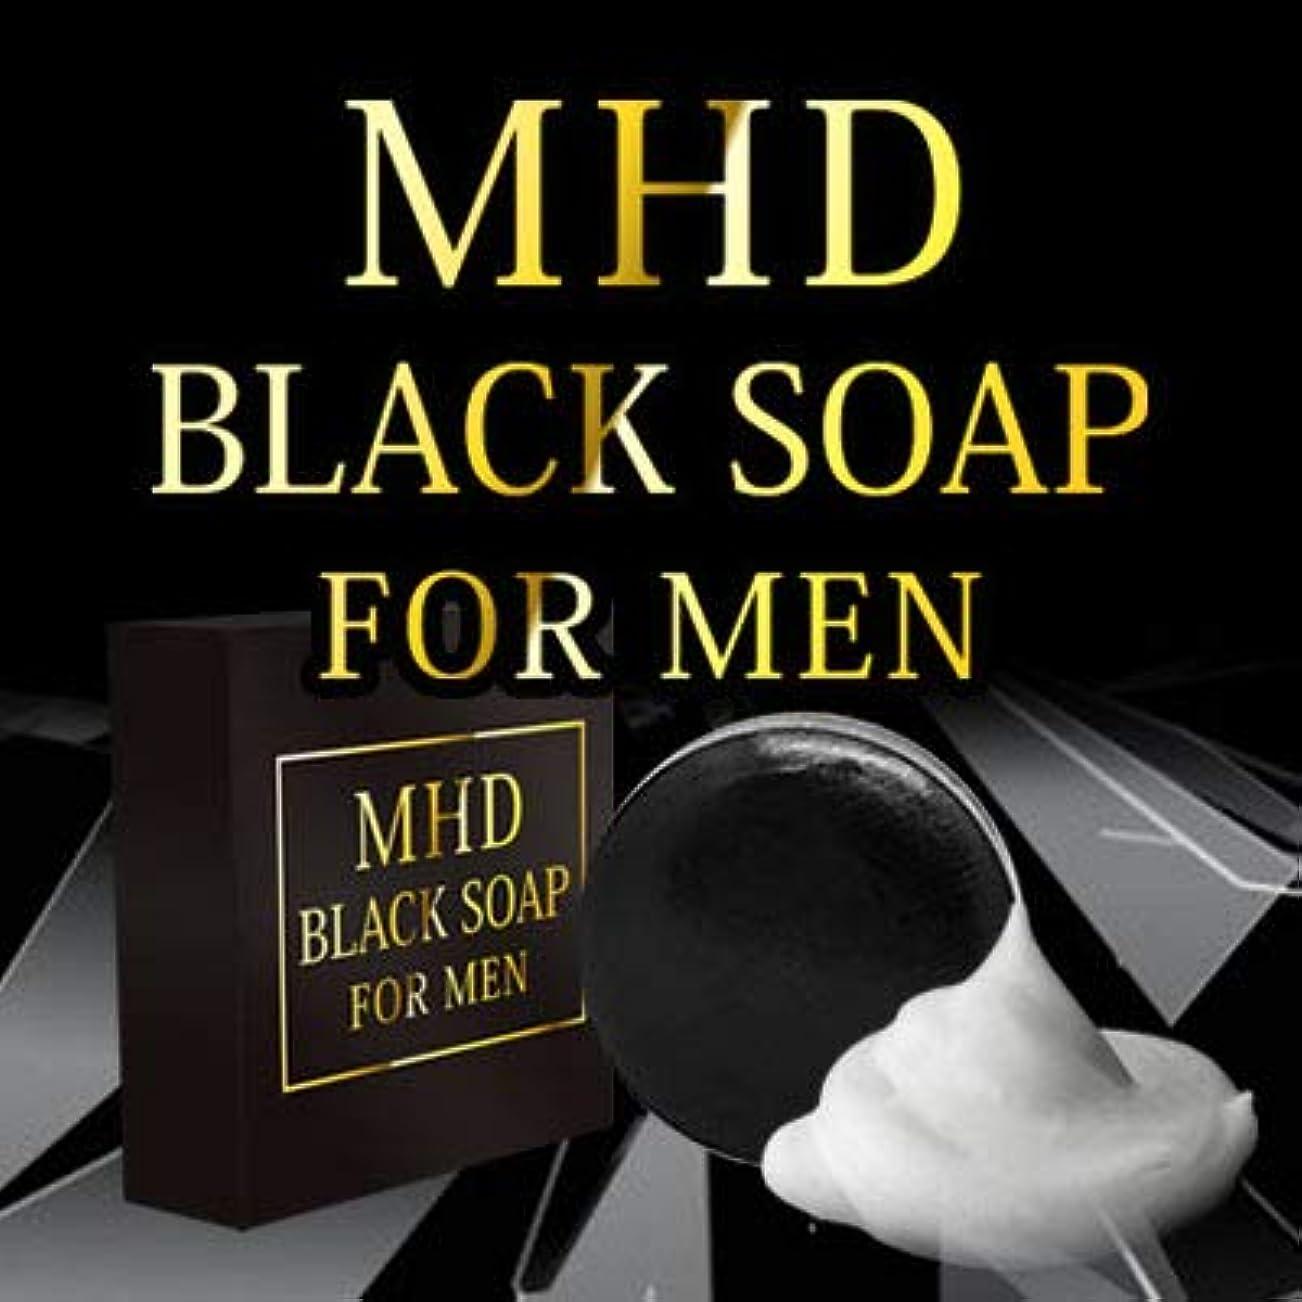 名前で補助付添人MHD石鹸(BLACK SOAP FOR MEN) メンズ用全身ソープ